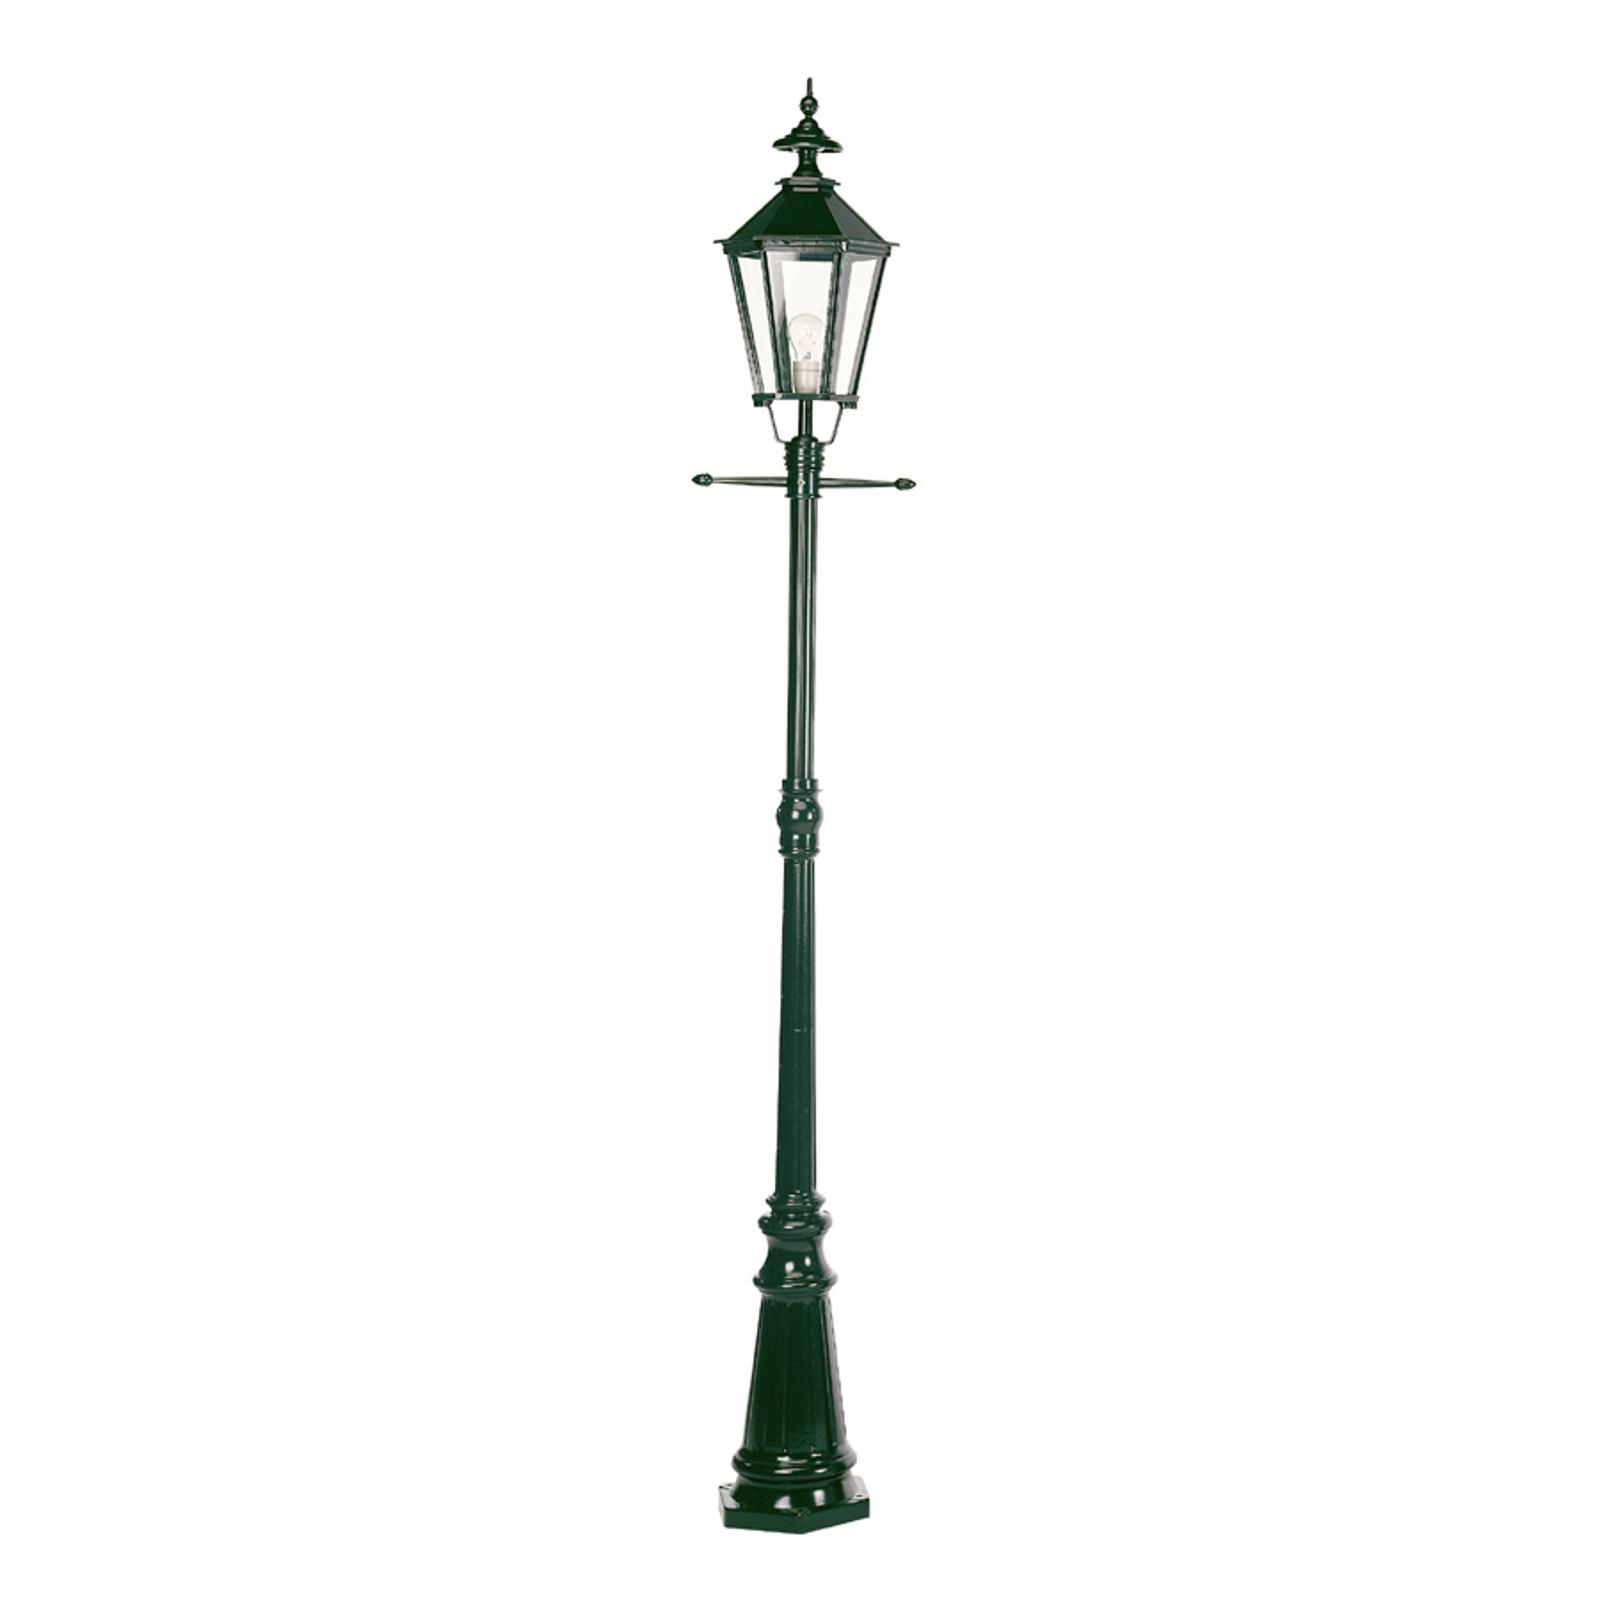 Lampadaire Manchester vert à 1 lampe